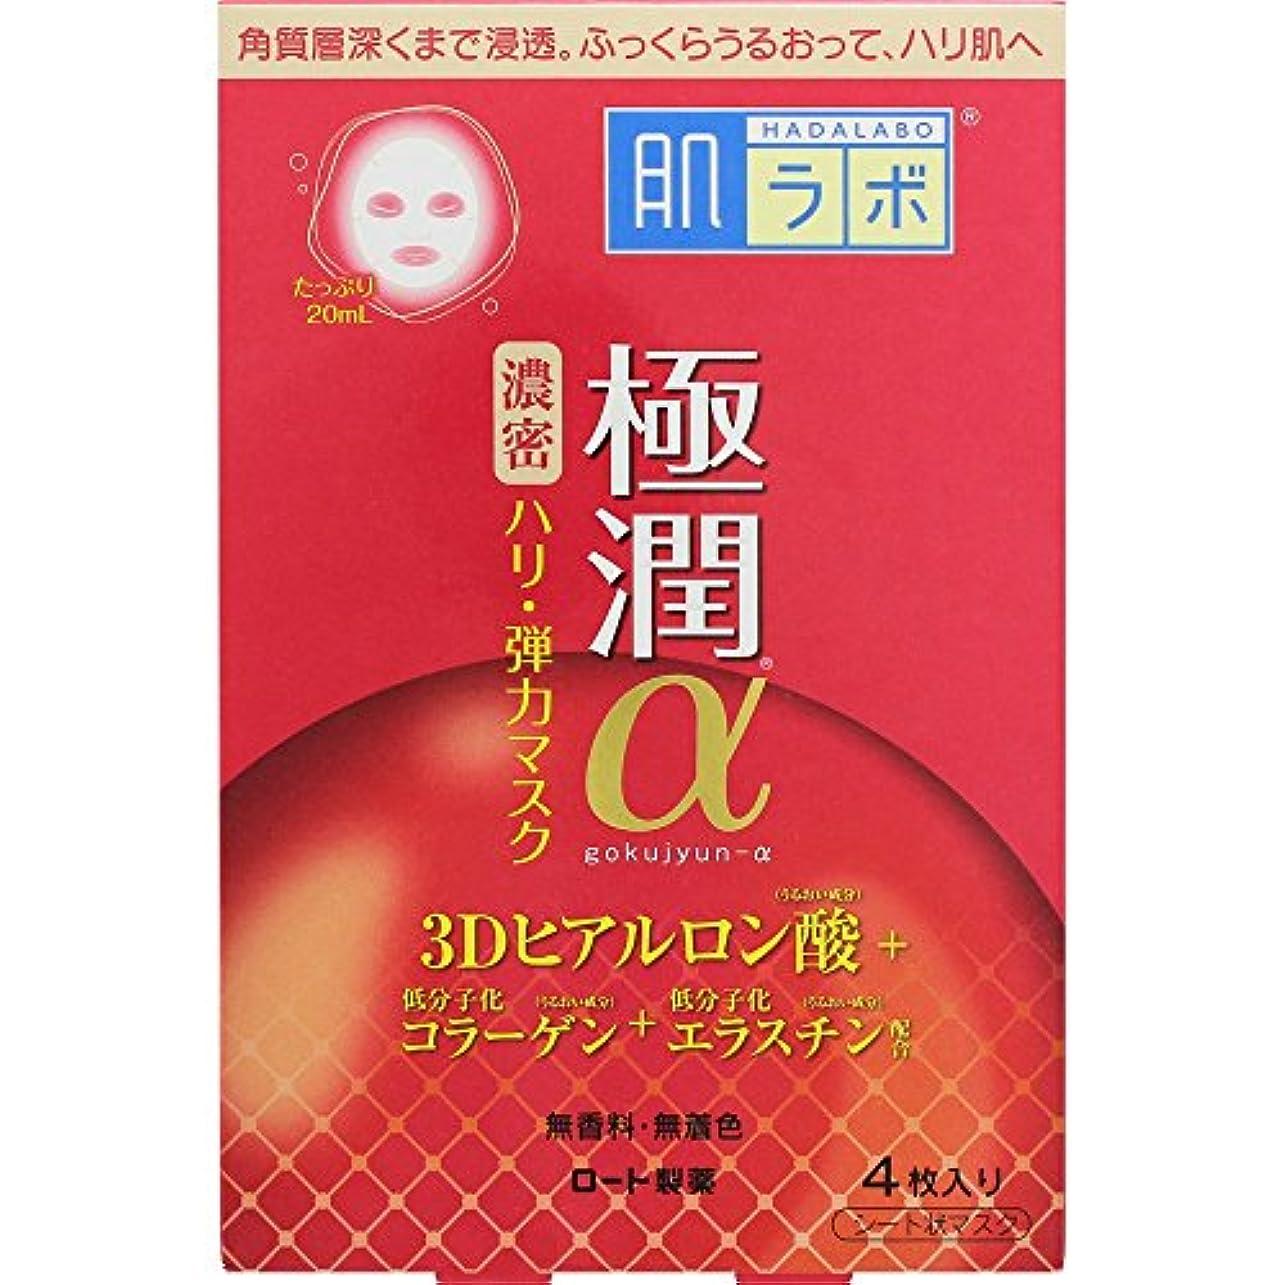 顕著卵申し立てる肌ラボ 極潤α スペシャルハリマスク 3Dヒアルロン酸×低分子化コラーゲン×低分子化エラスチン配合 4枚